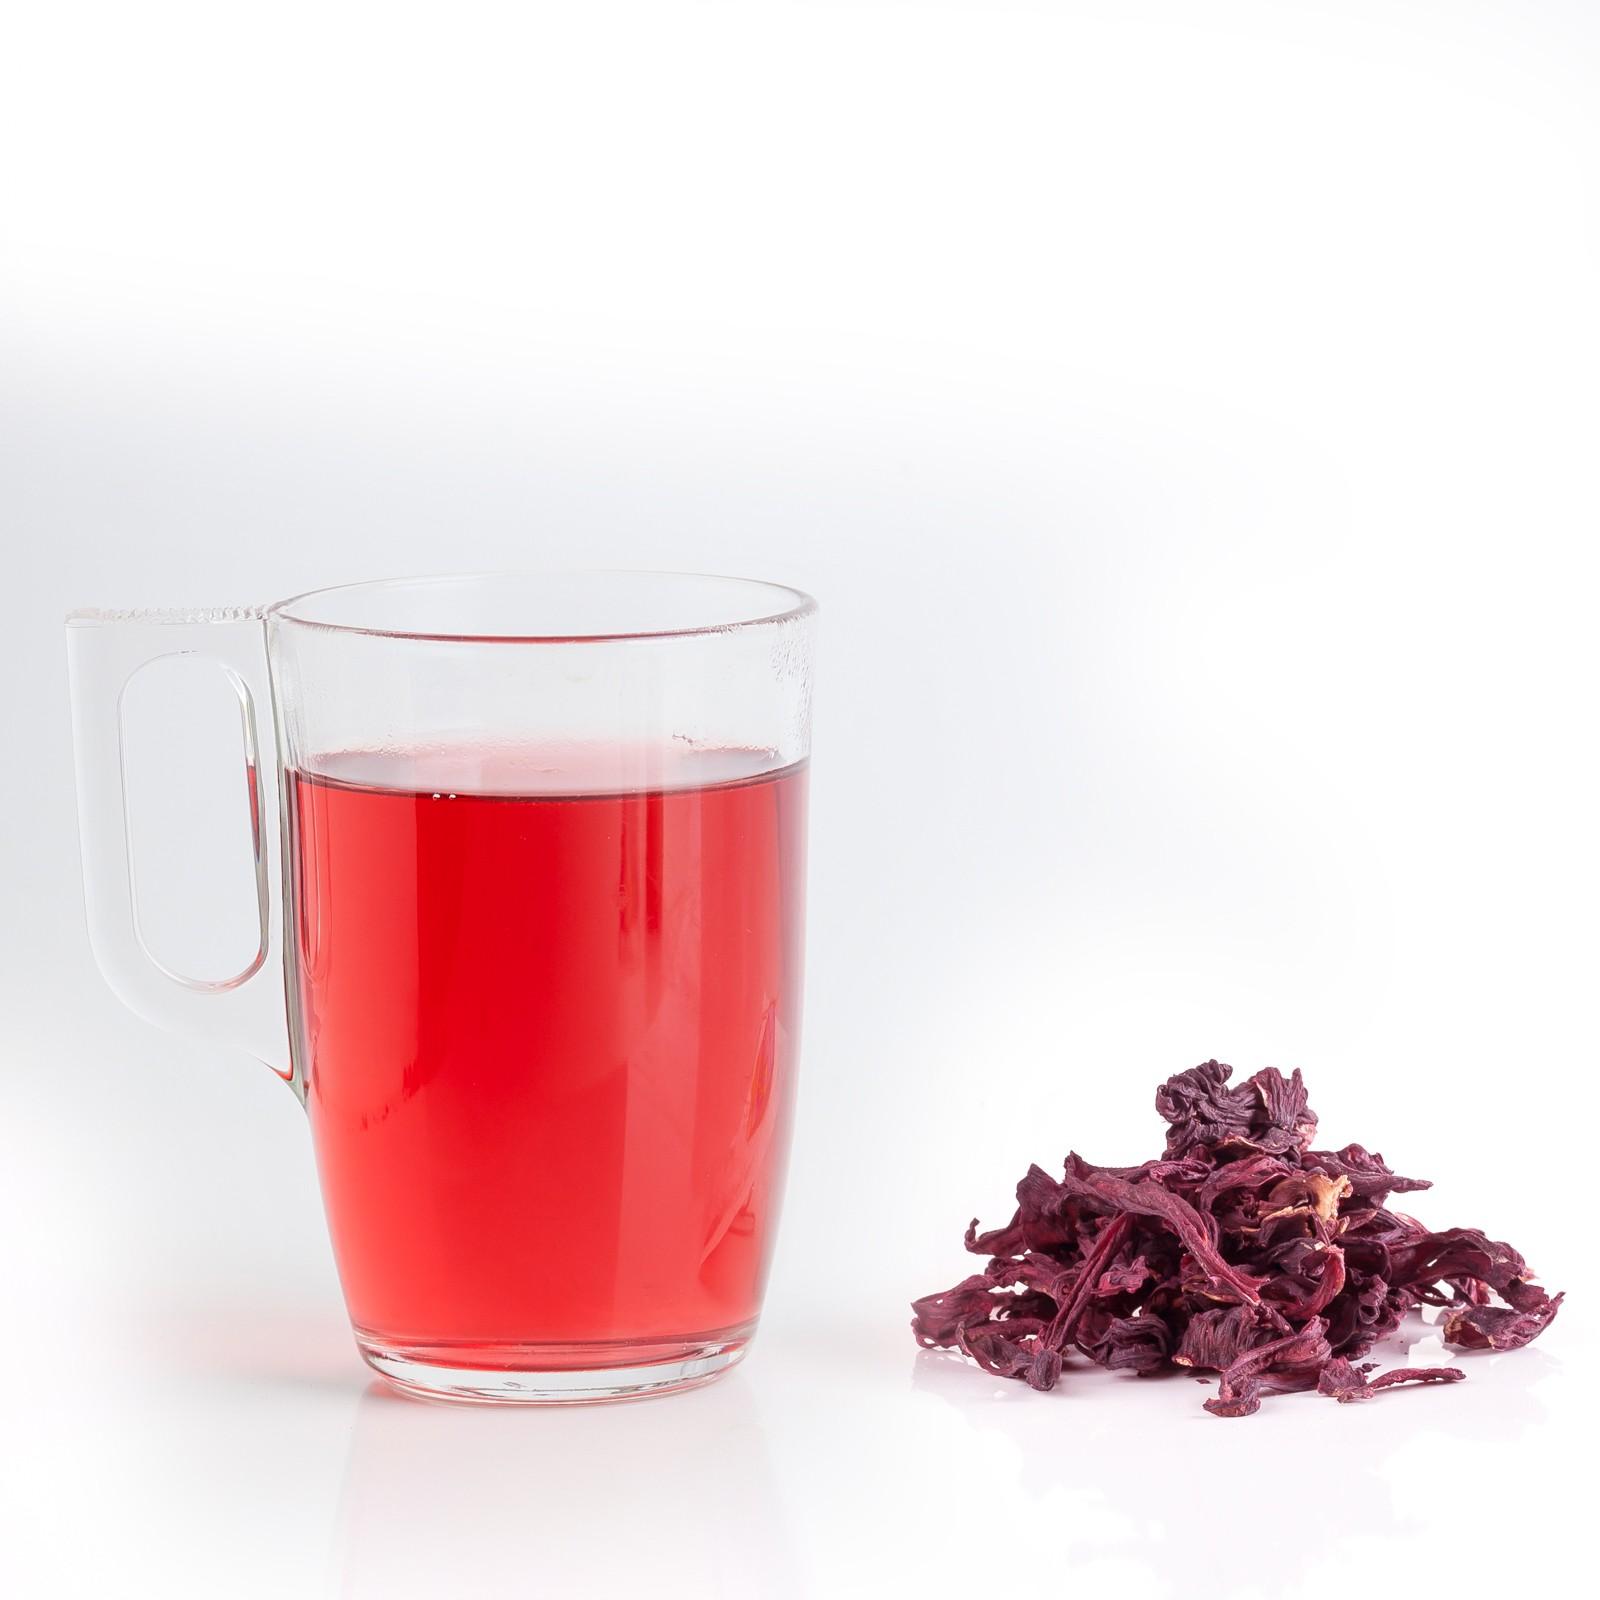 Hibiscus (Karkadé) 221  Tisanes & infusions